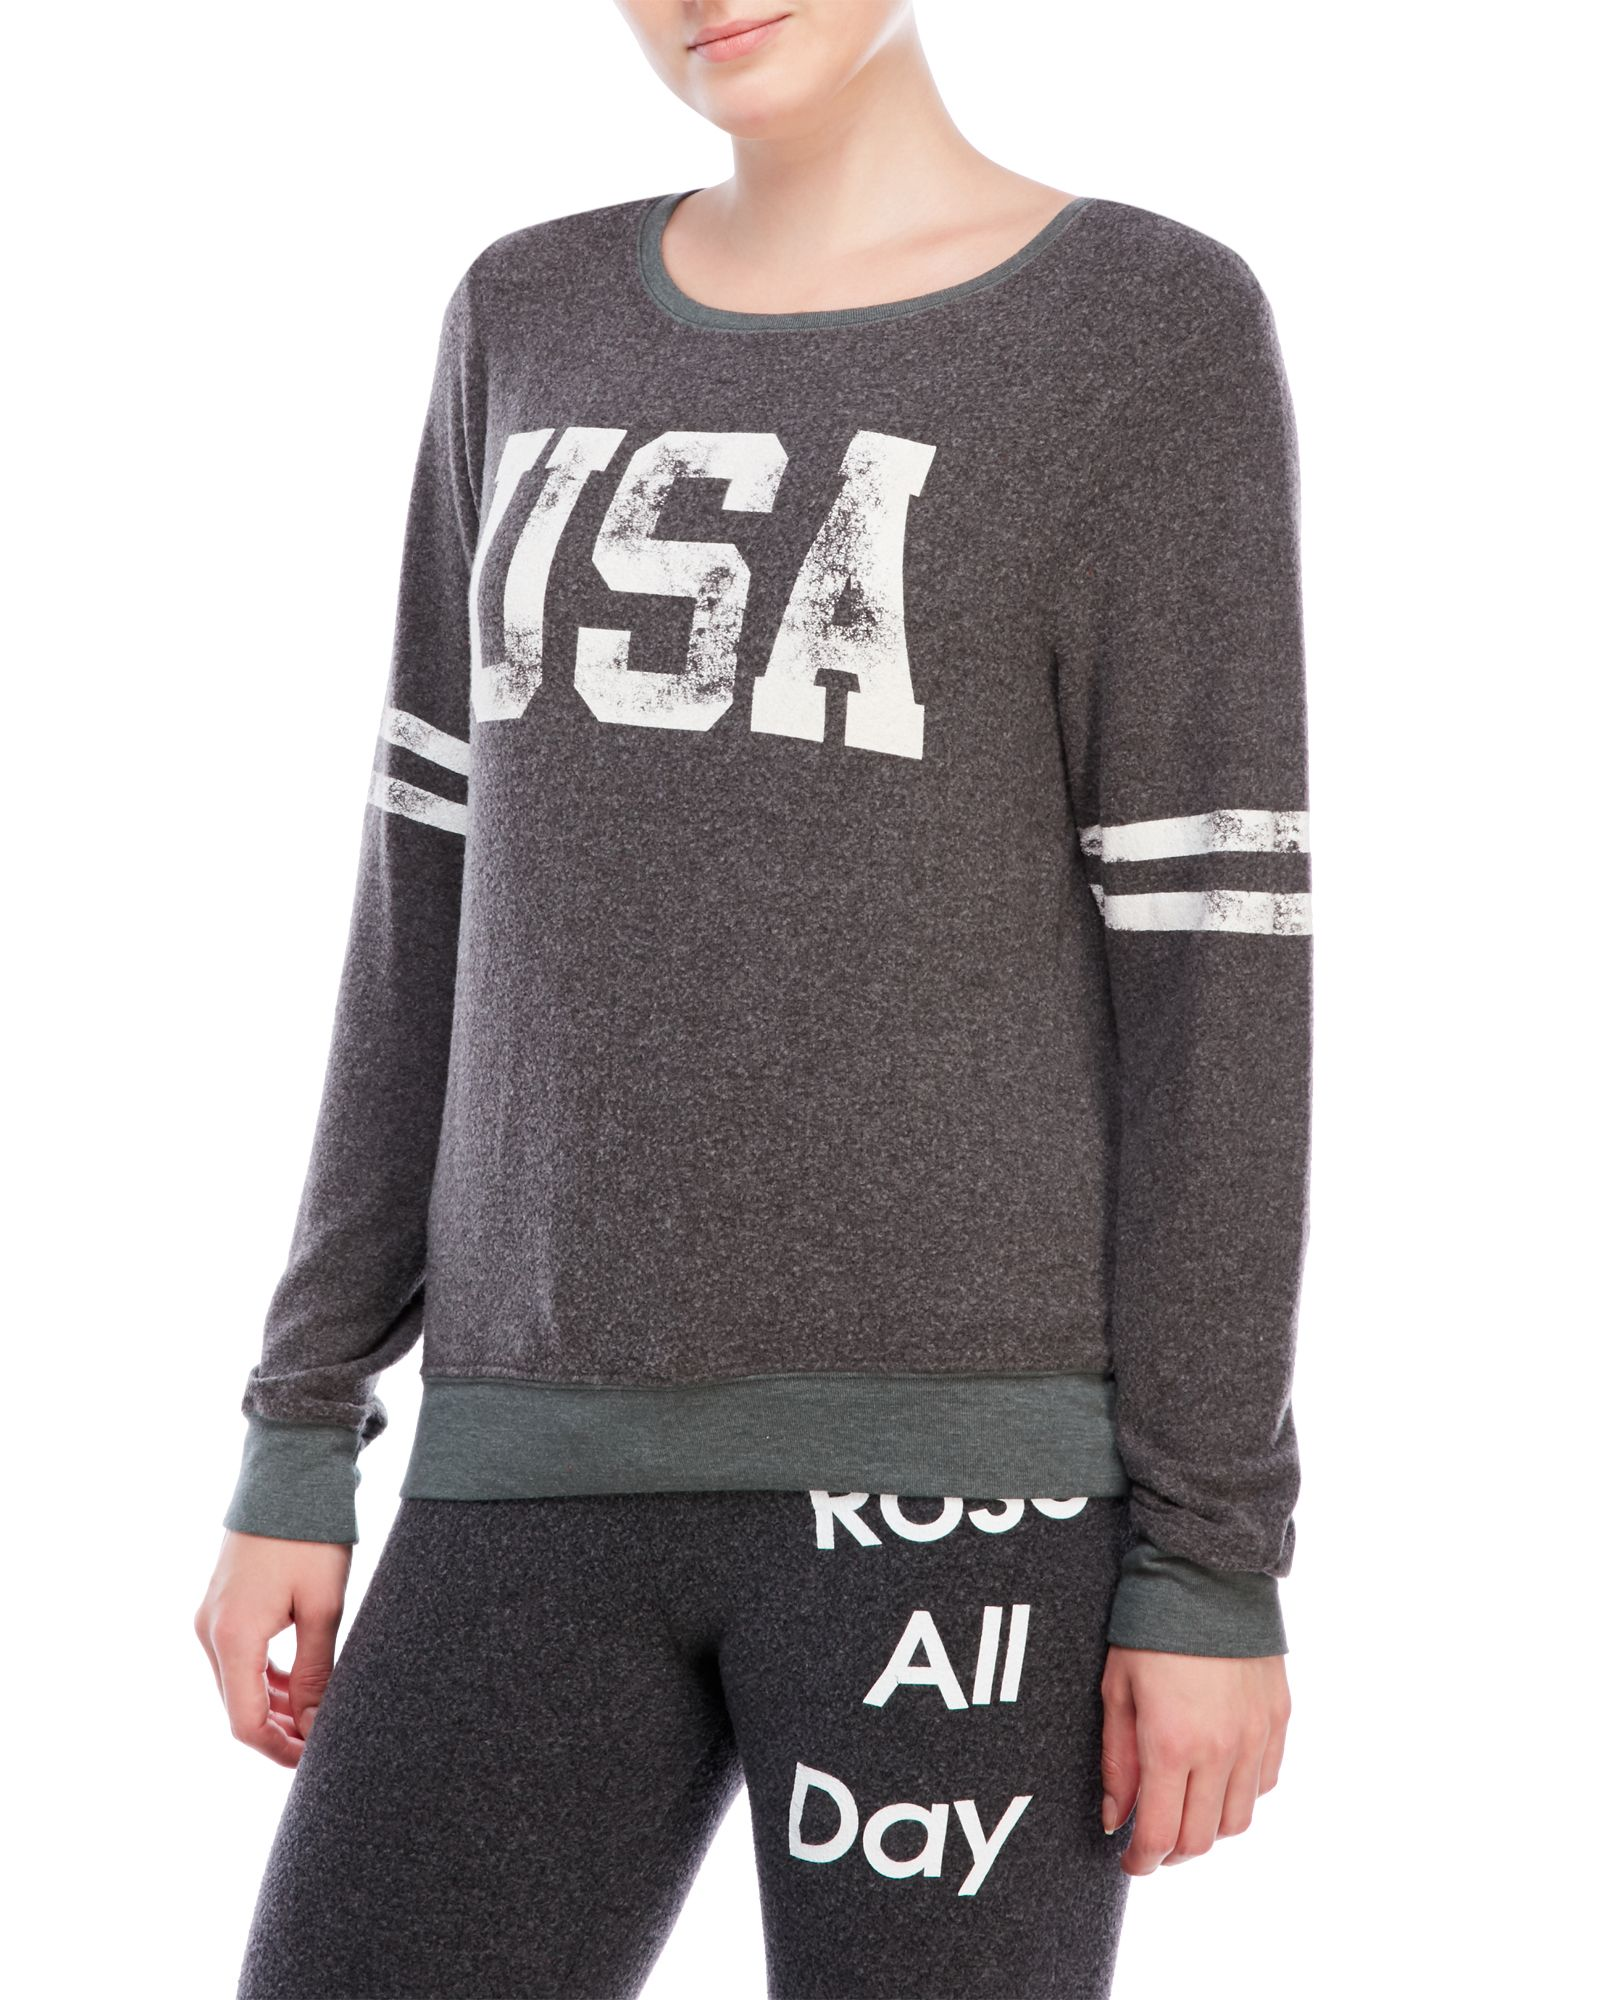 db139d114c992 Wildfox Team USA Baggy Beach Jumper   *Apparel & Accessories ...